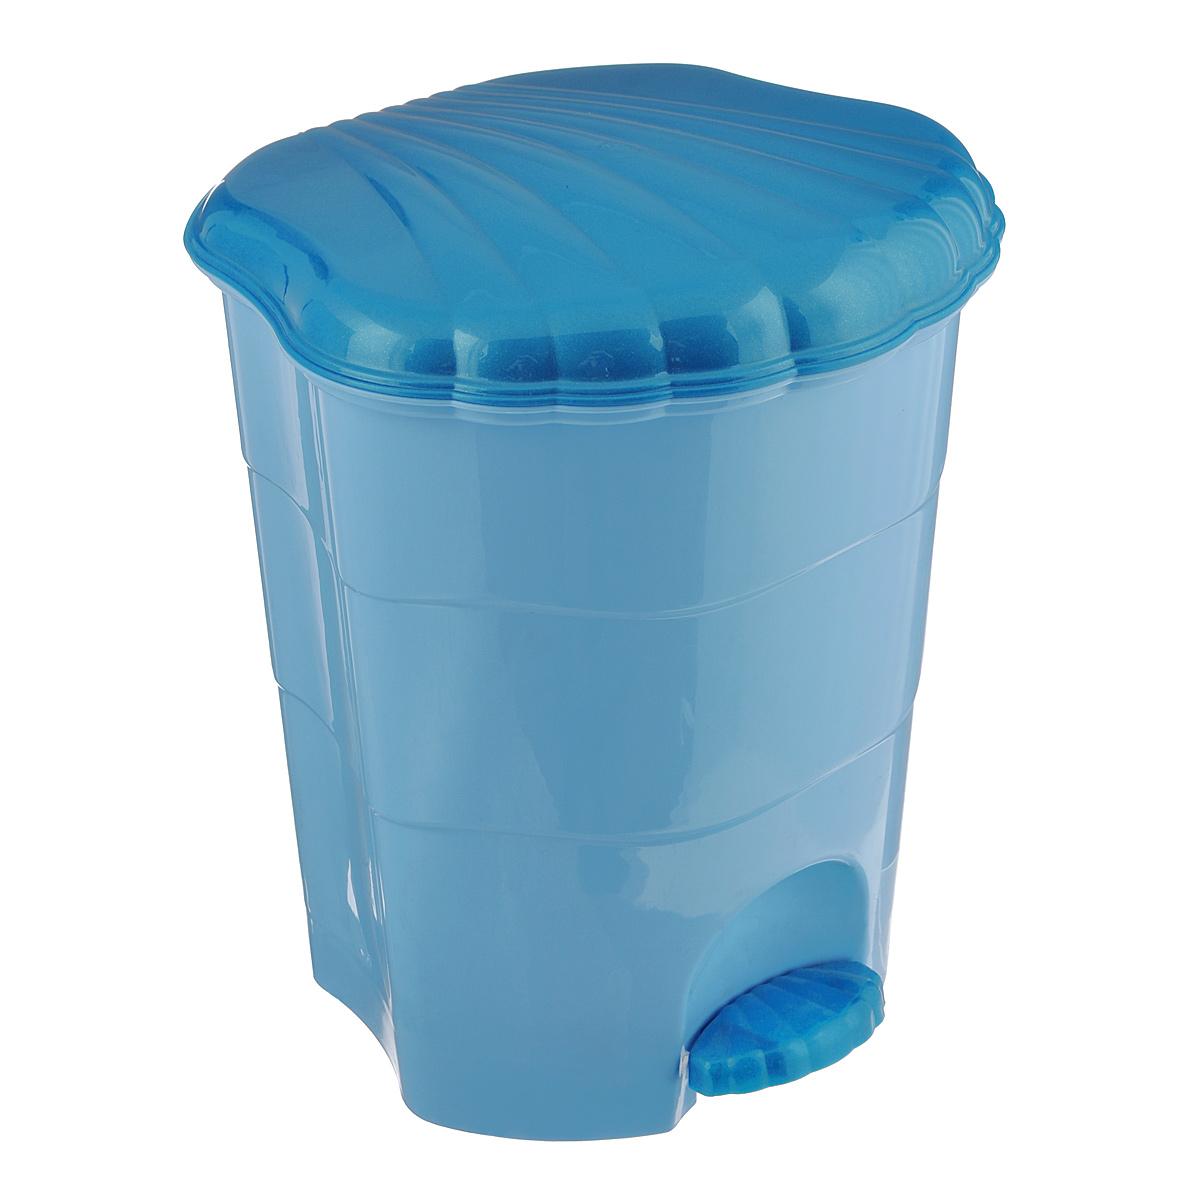 Контейнер для мусора Violet, с педалью, цвет: голубой, бирюзовый, 11 л0511/3Мусорный контейнер Violet выполнен из прочного пластика, не боится ударов и долгих лет использования. Изделие оснащено педалью, с помощью которой можно открыть крышку. Закрывается крышка практически бесшумно, плотно прилегает, предотвращая распространение запаха. Внутри пластиковая емкость для мусора, которую при необходимости можно достать из контейнера. Интересный дизайн разнообразит интерьер вашего дома и сделает его более оригинальным.Размер: 26,5 см x 27,5 см x 31 см.